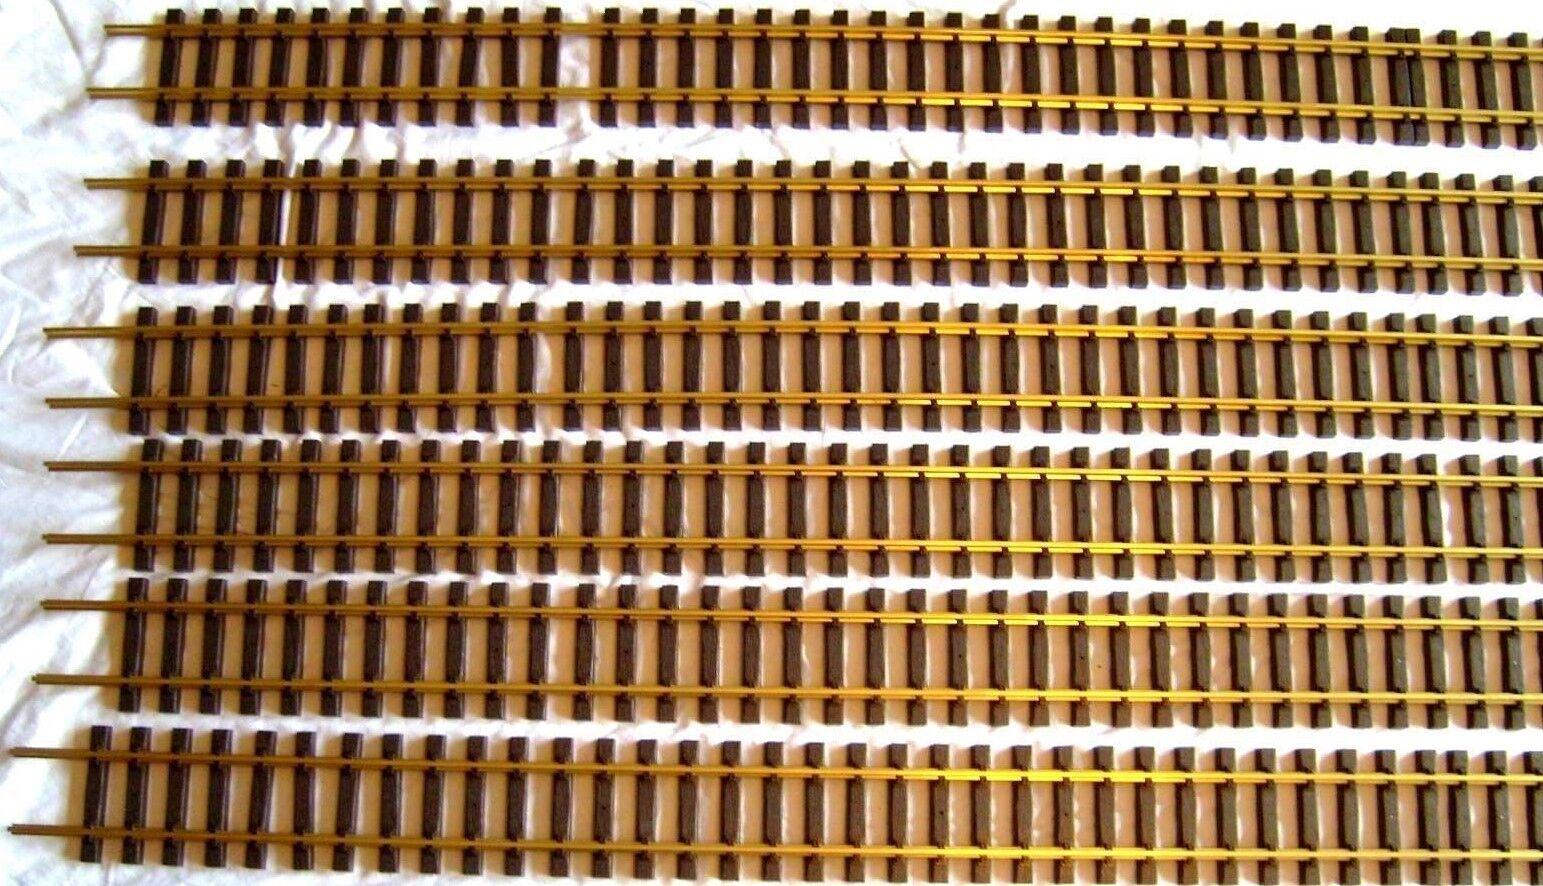 American la línea principal 12 Pcs G201-01 código 332 6' Latón Flextrack Nuevo